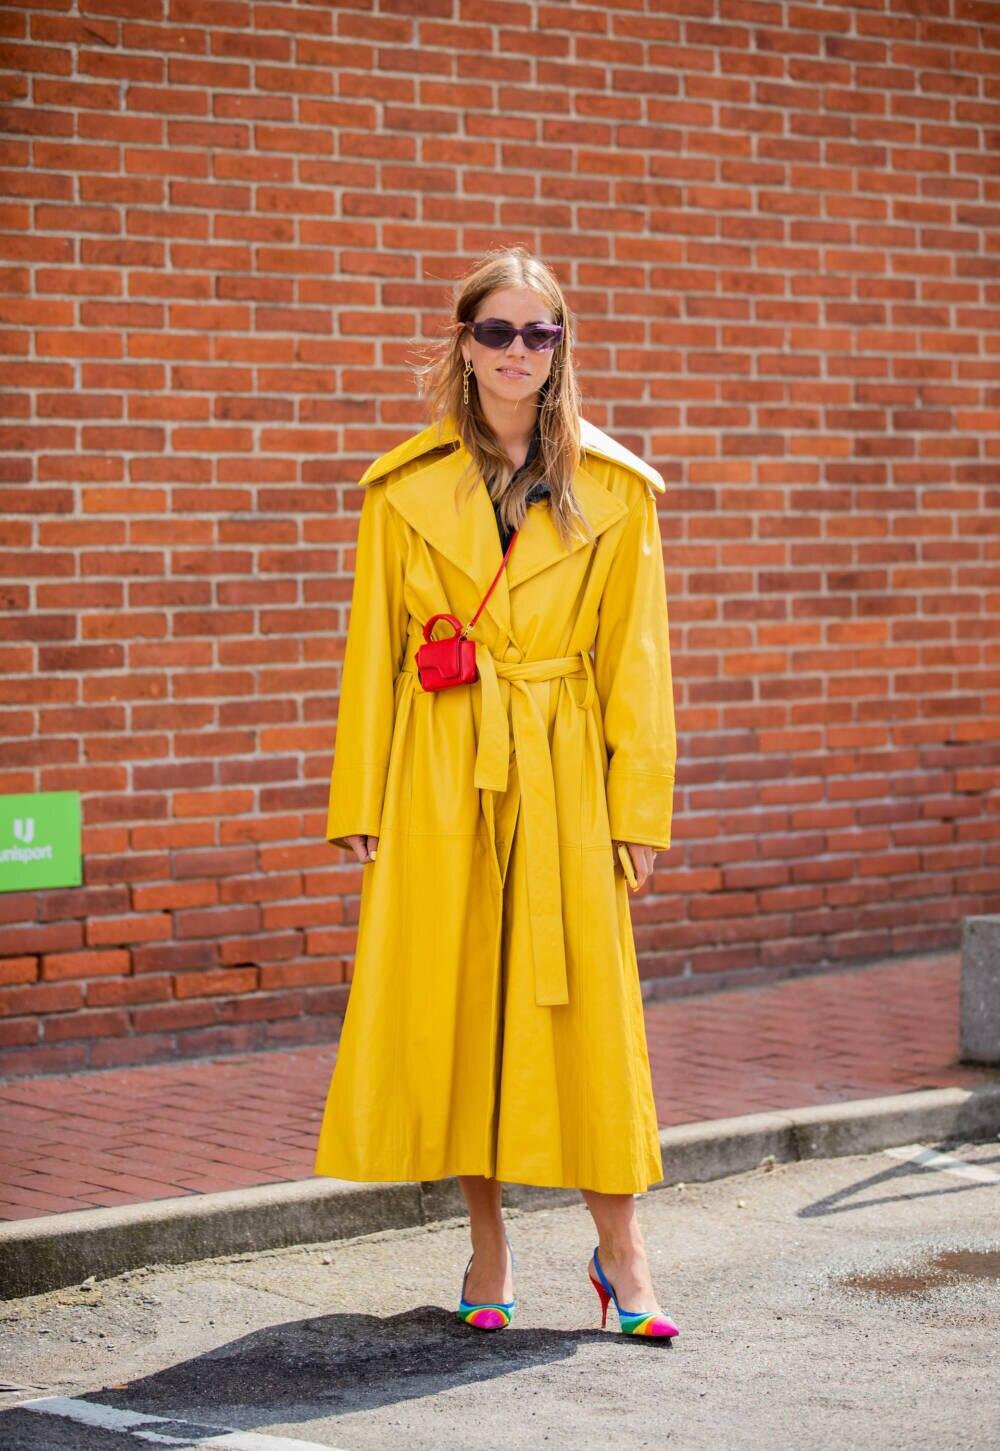 Ein gelber Ledermantel steht für sich